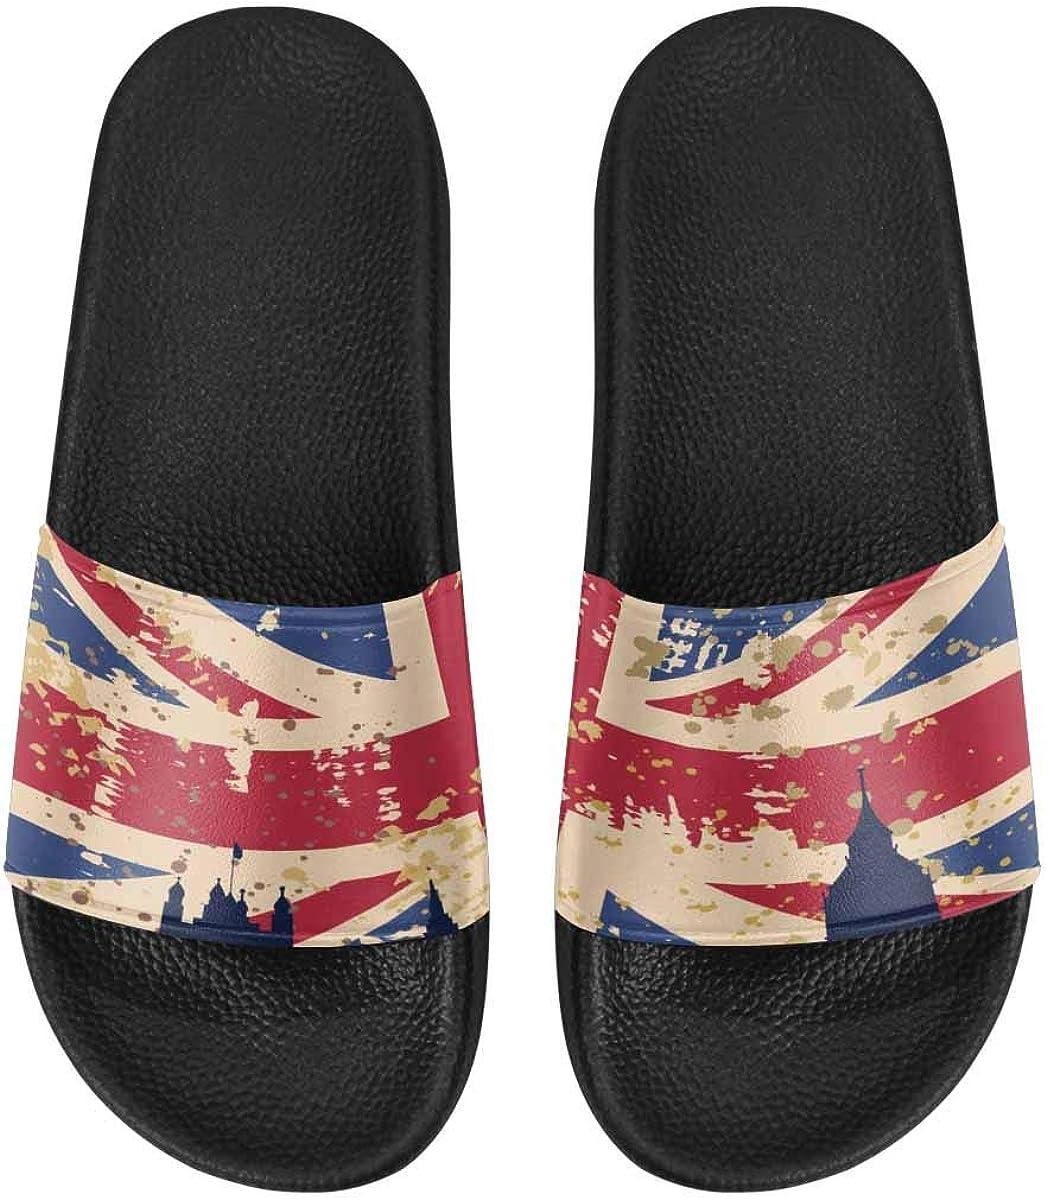 InterestPrint Women's Casual Slide Sandals for Indoor Outdoor an